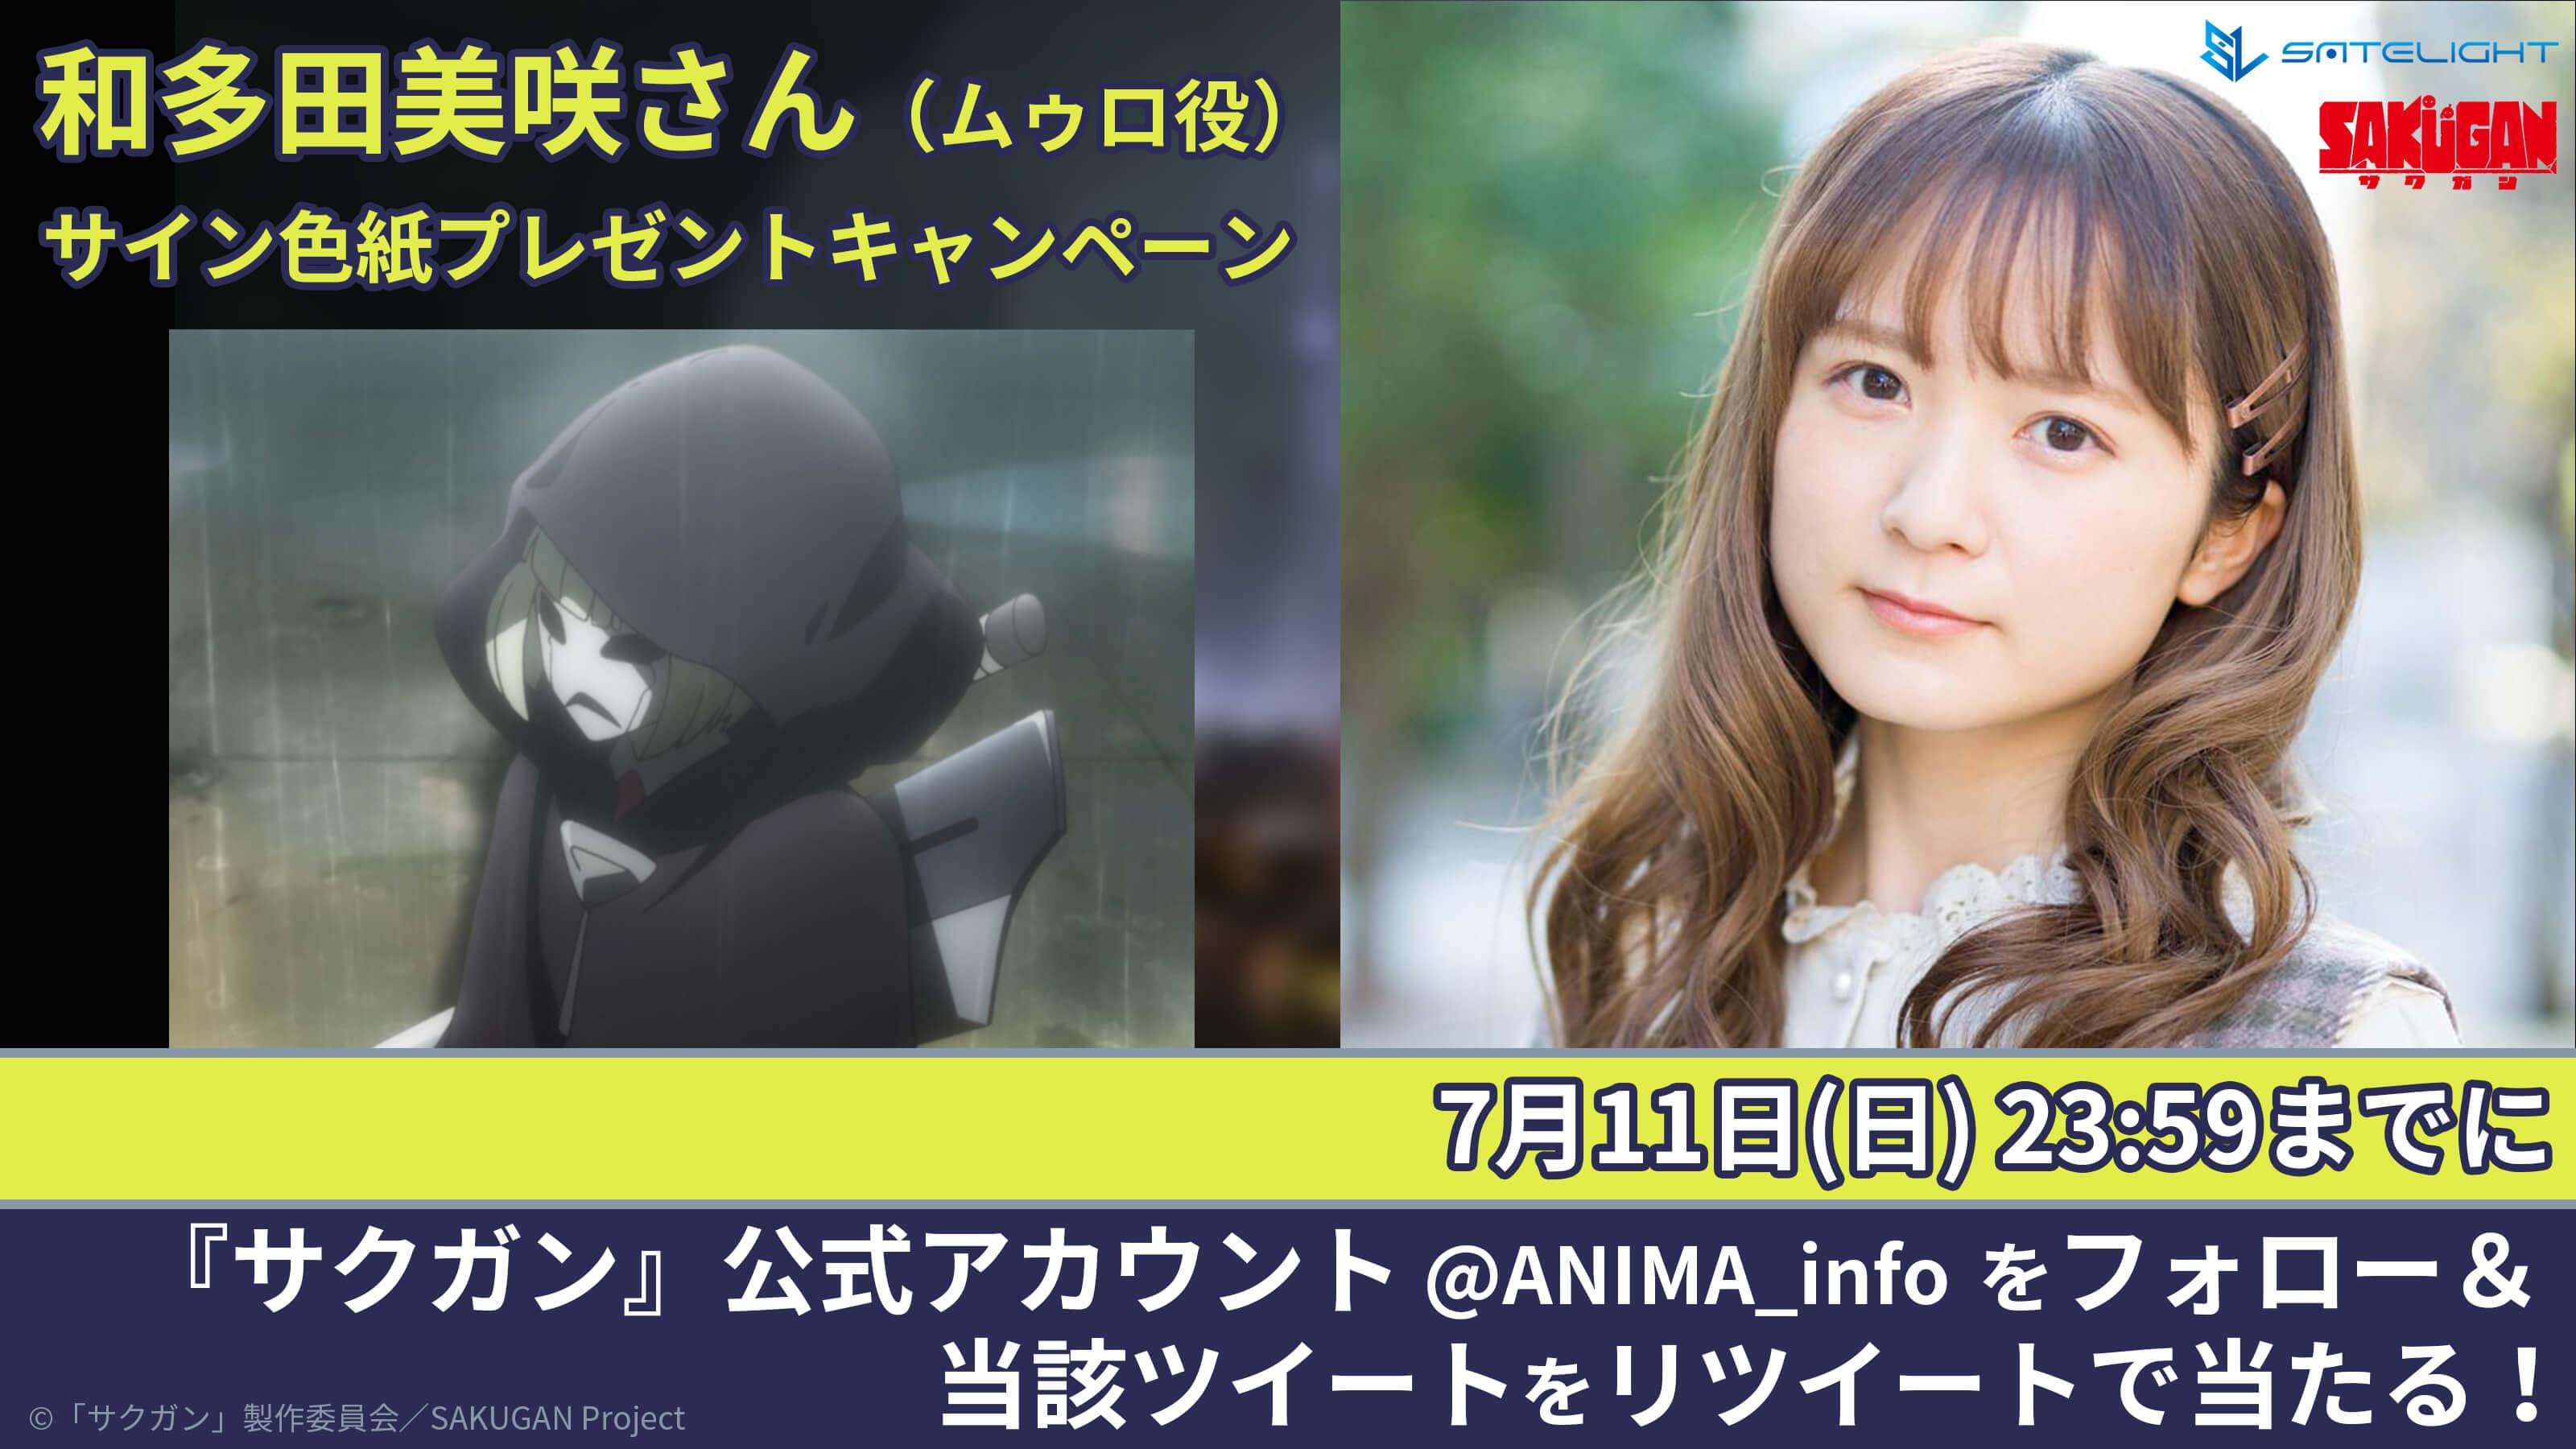 和多田美咲さん(ムゥロ役)のサイン色紙が当たる!TVアニメ『サクガン』キャンペーン開催中